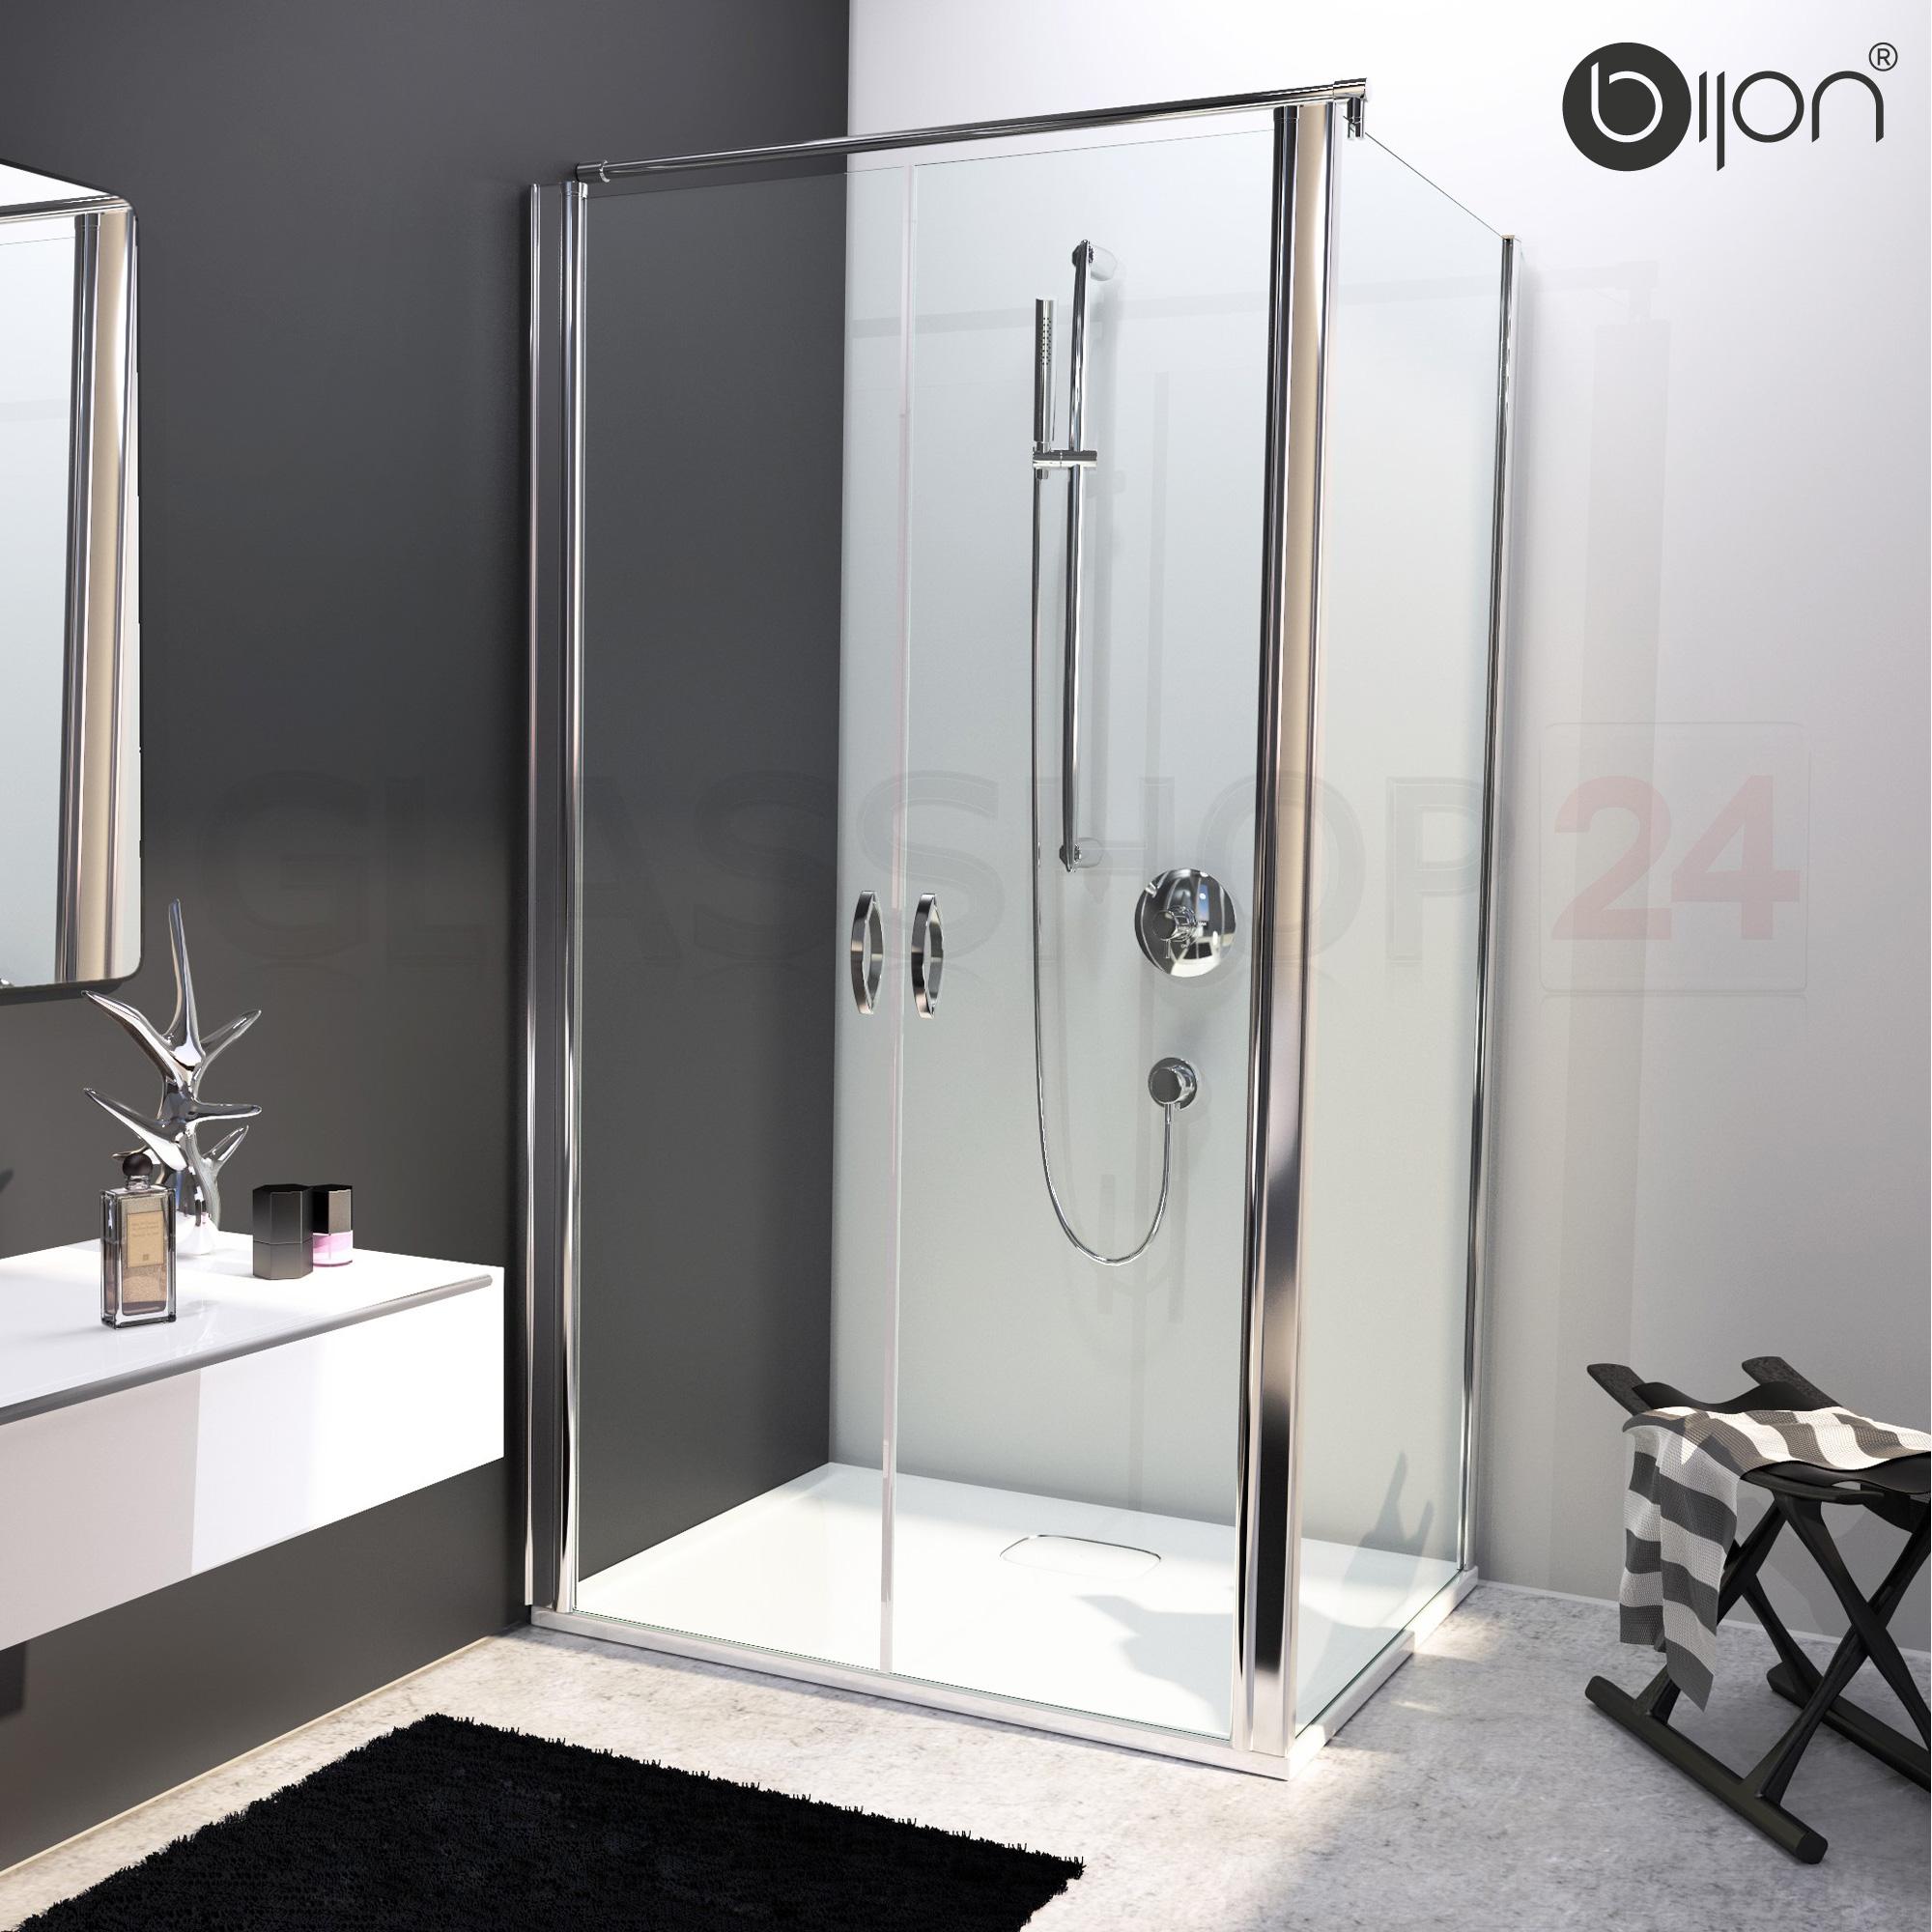 glas eckdusche nischentr pendeltr seitenwand 70 120cm duschabtrennung dusche ebay - Dusche Nischentur 85 Cm